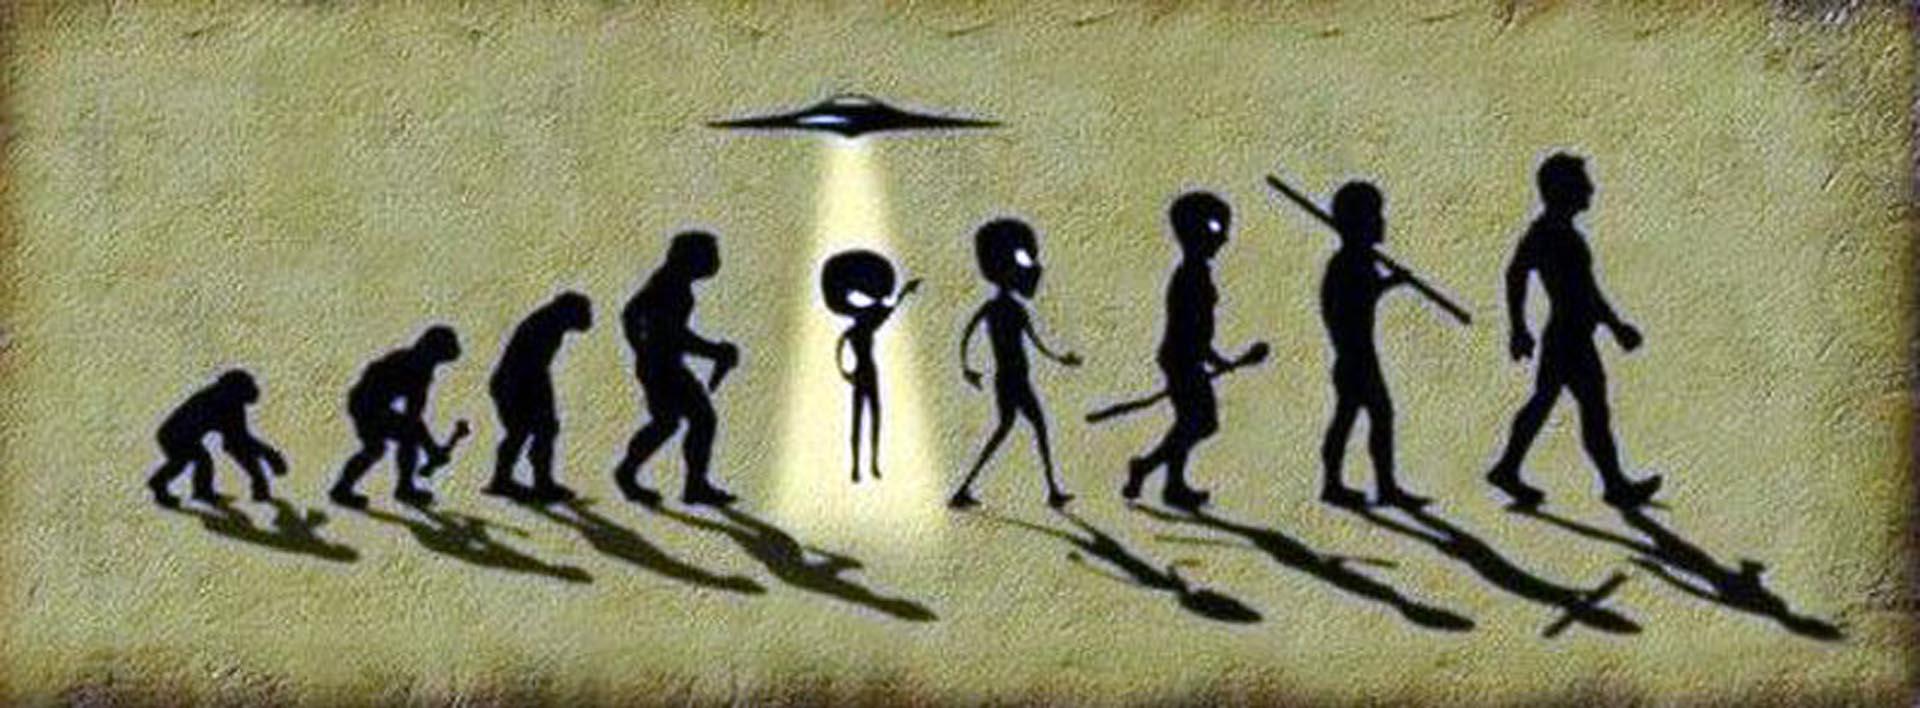 El creacionismo alienígena sostiene la intervención extraterrestre en el desarrollo genético de los humanos